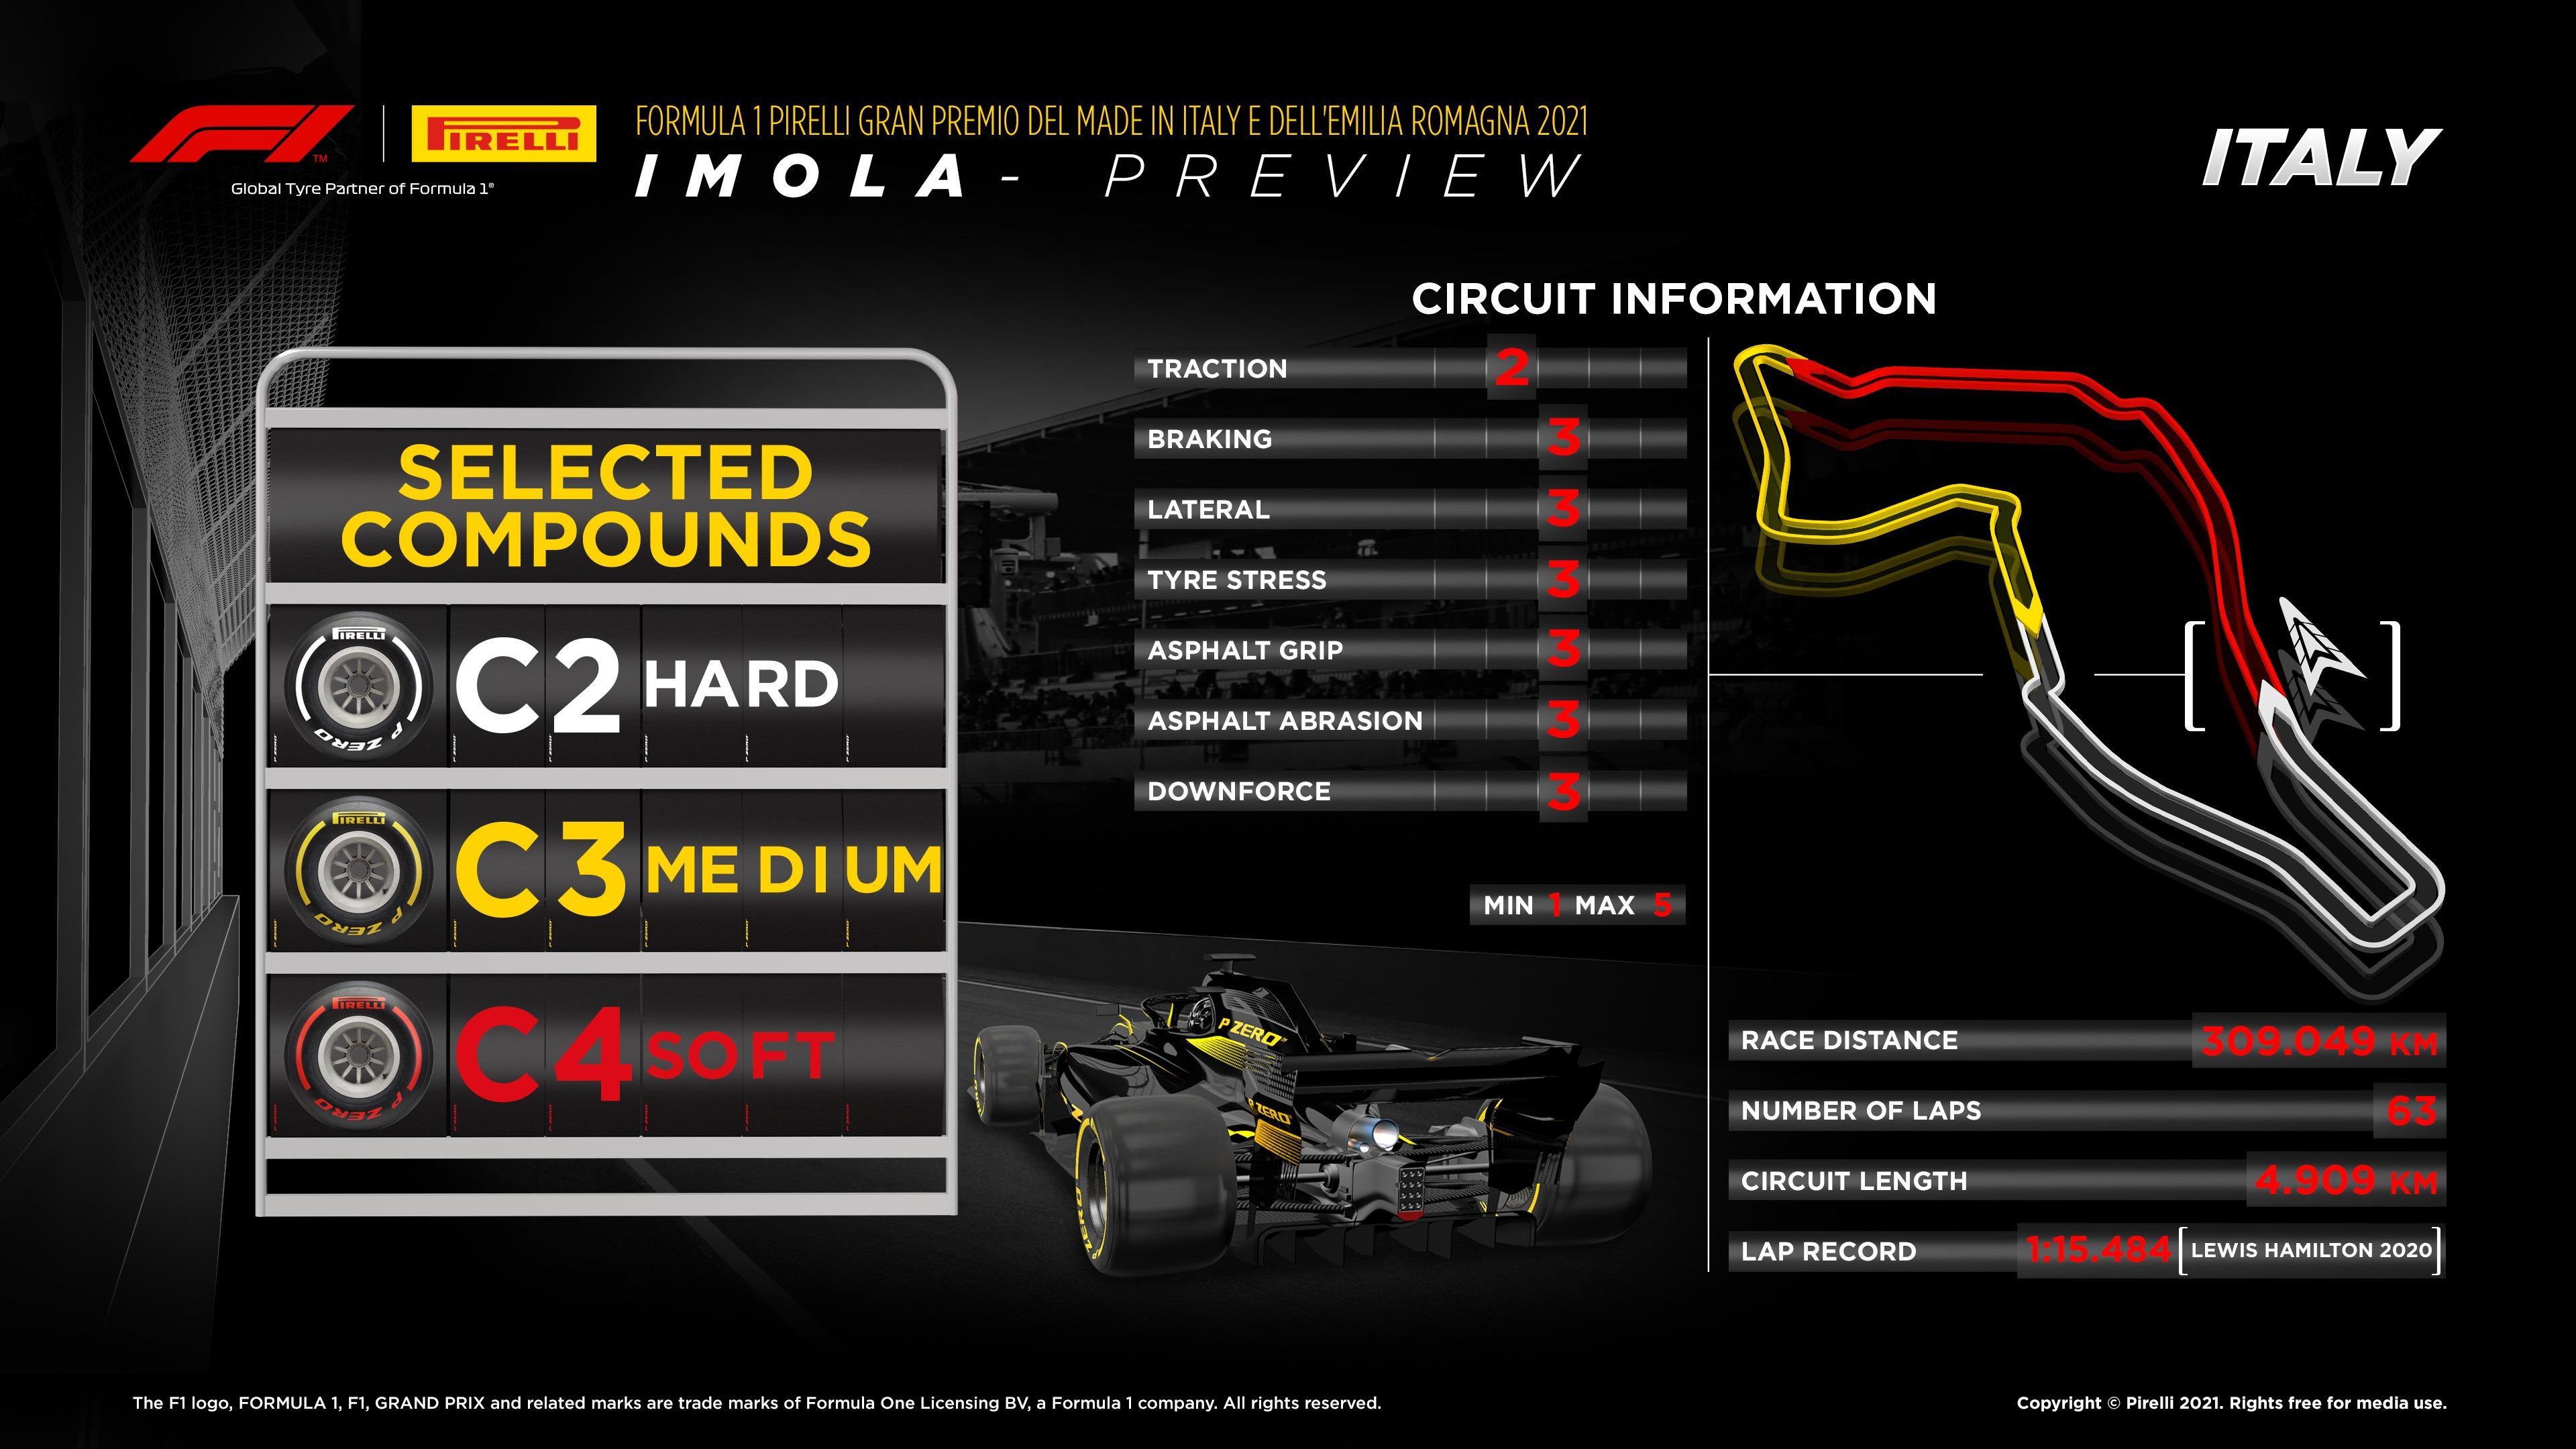 Infographic Emilia Romagna F1 Grand Prix